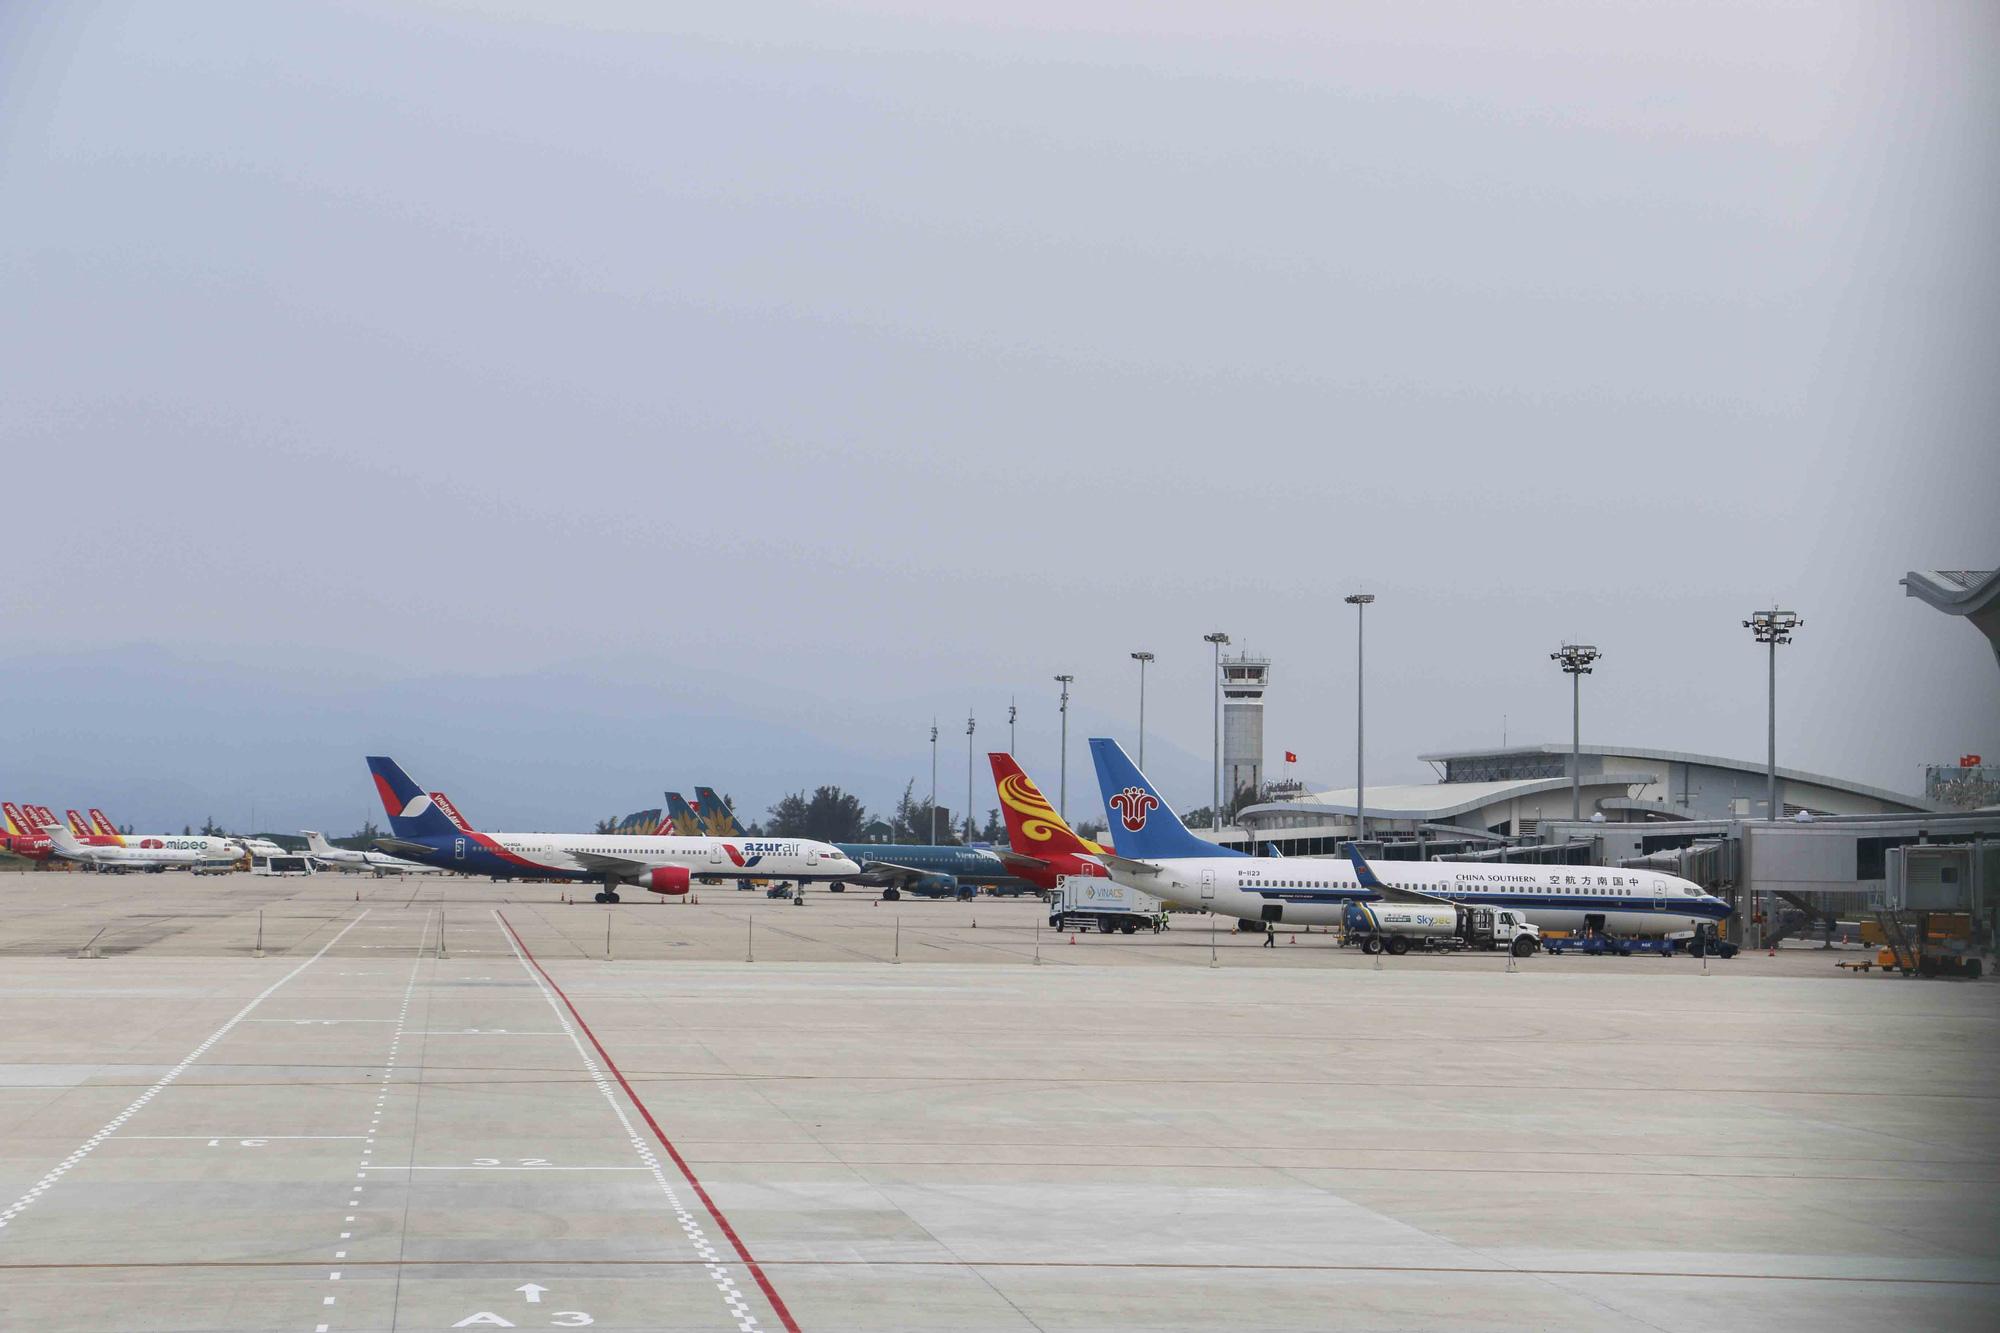 Tuyên bố giải thể hãng hàng không Tín Nghĩa Express - Ảnh 1.